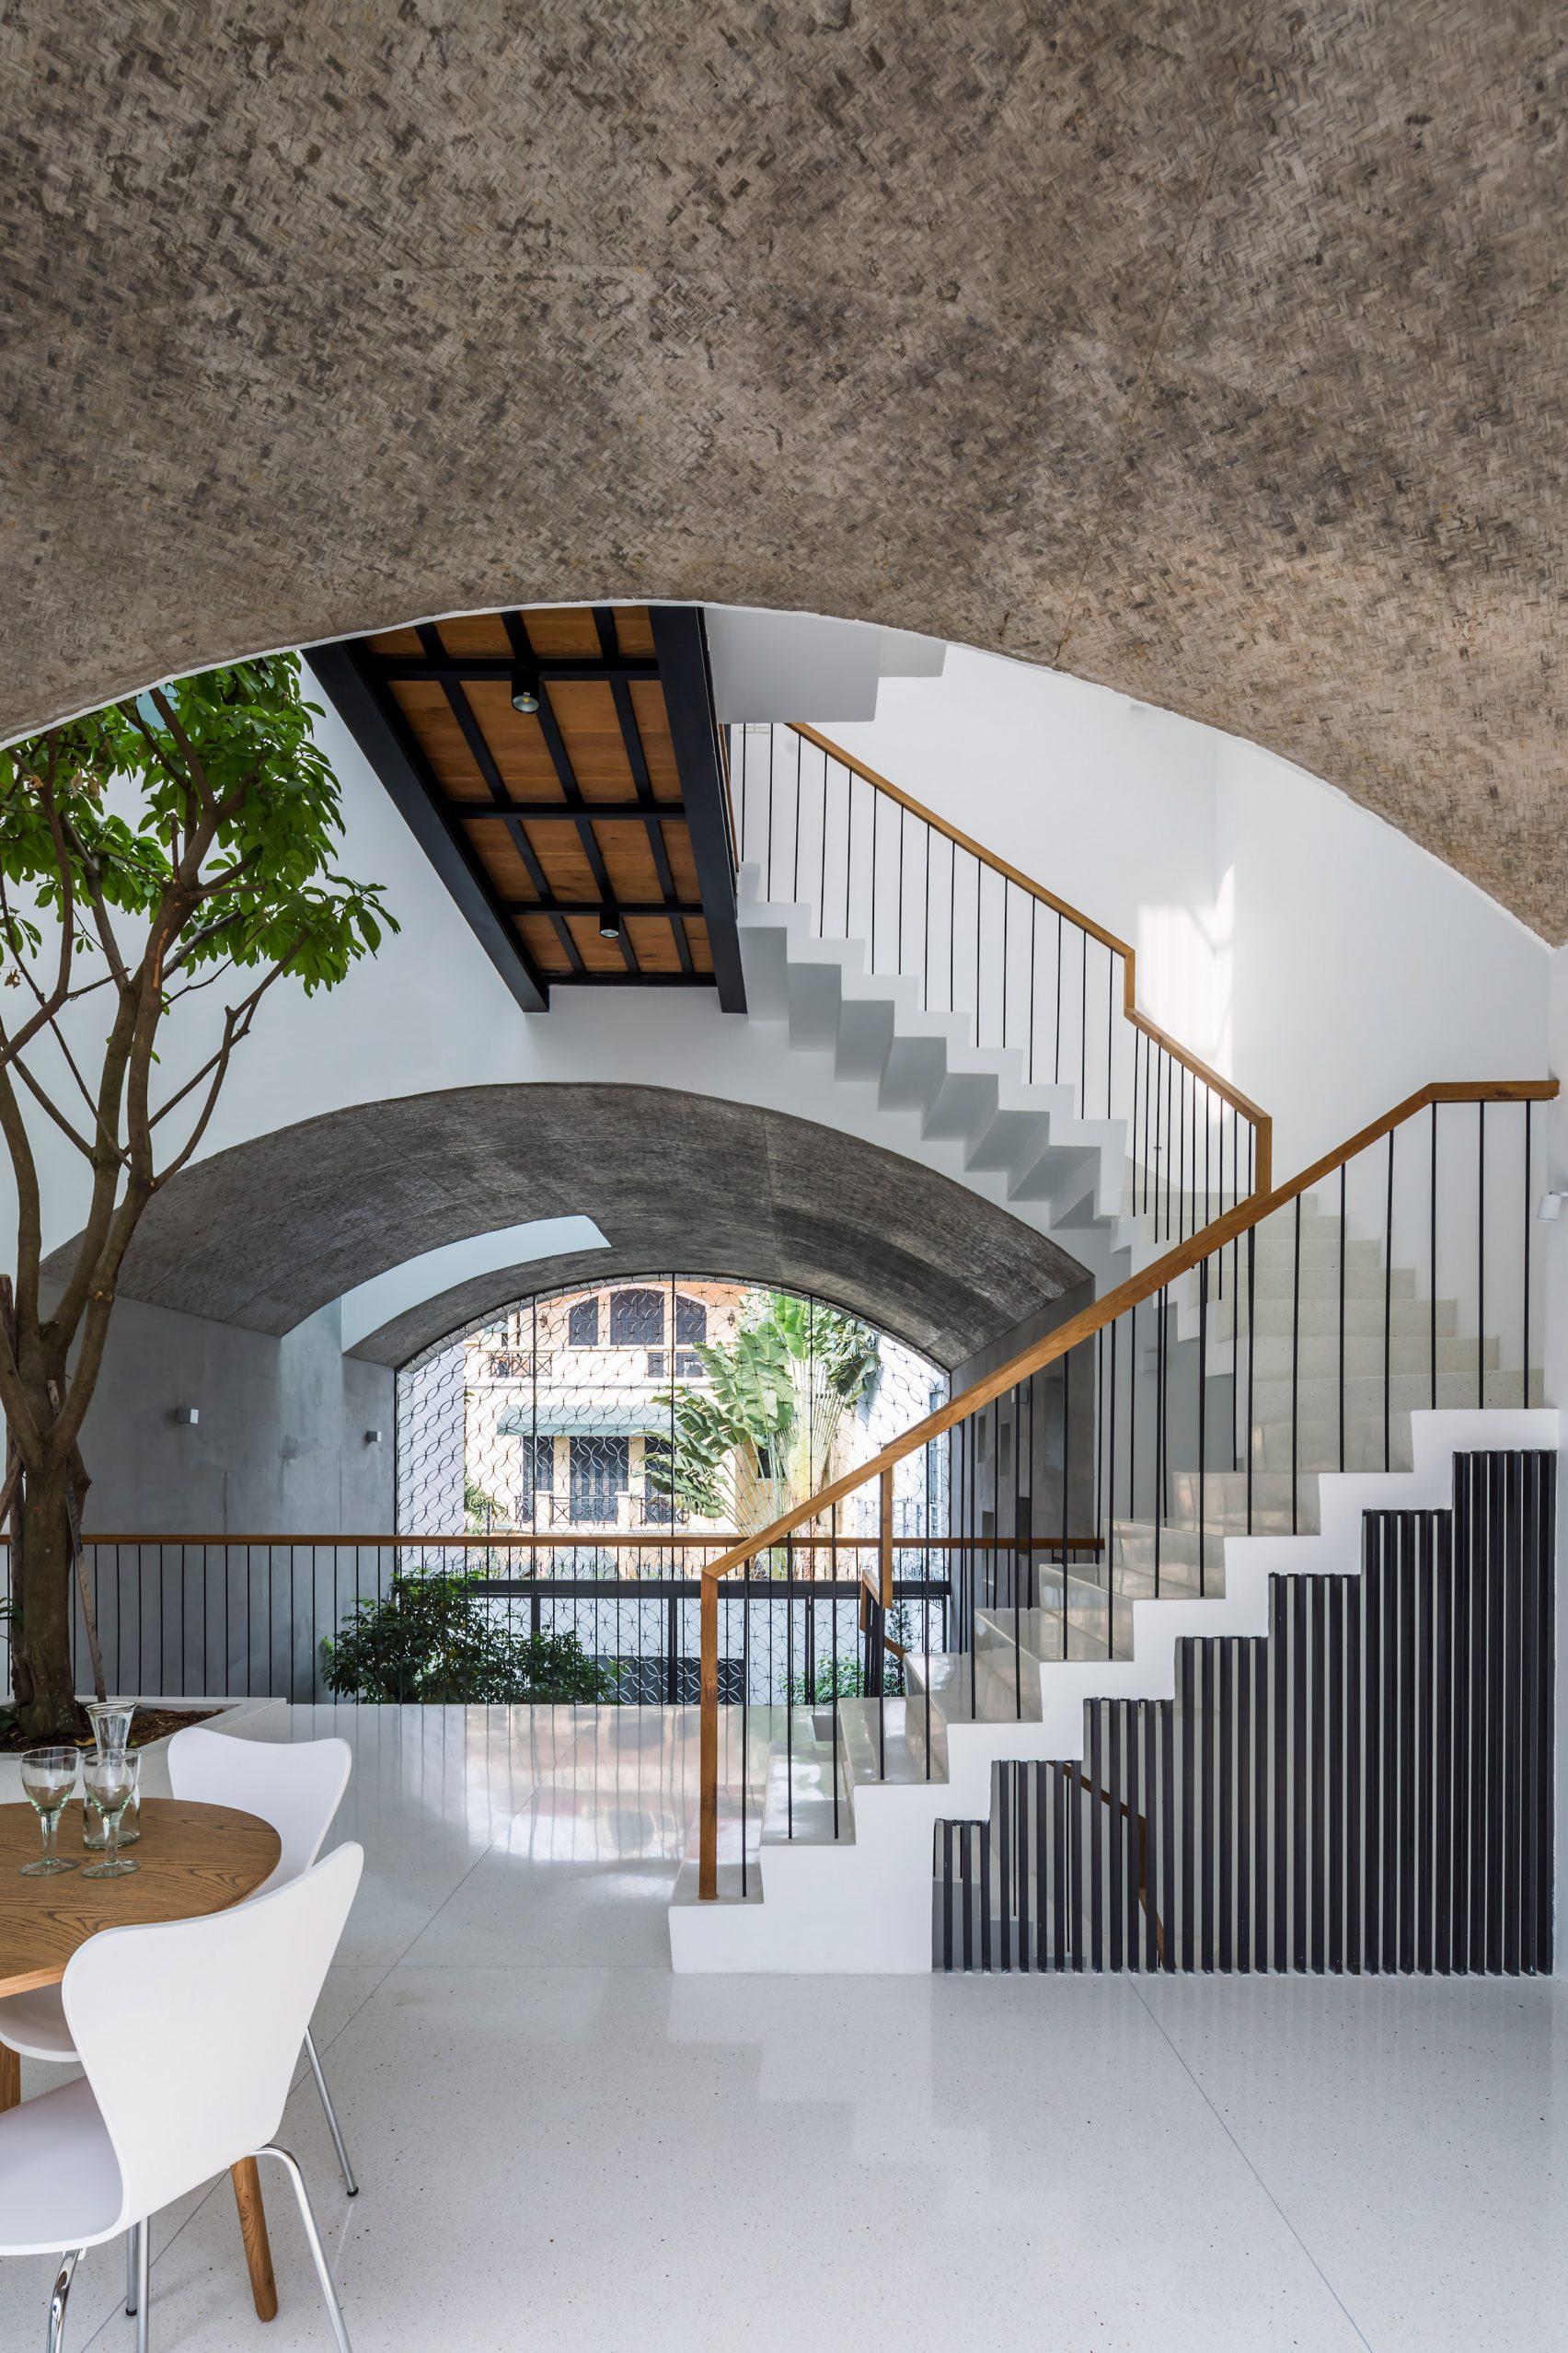 Nhà phố rộng 380 m2 với 3 phòng ngoài trời hình vòm độc đáo ở Sài Gòn - 5